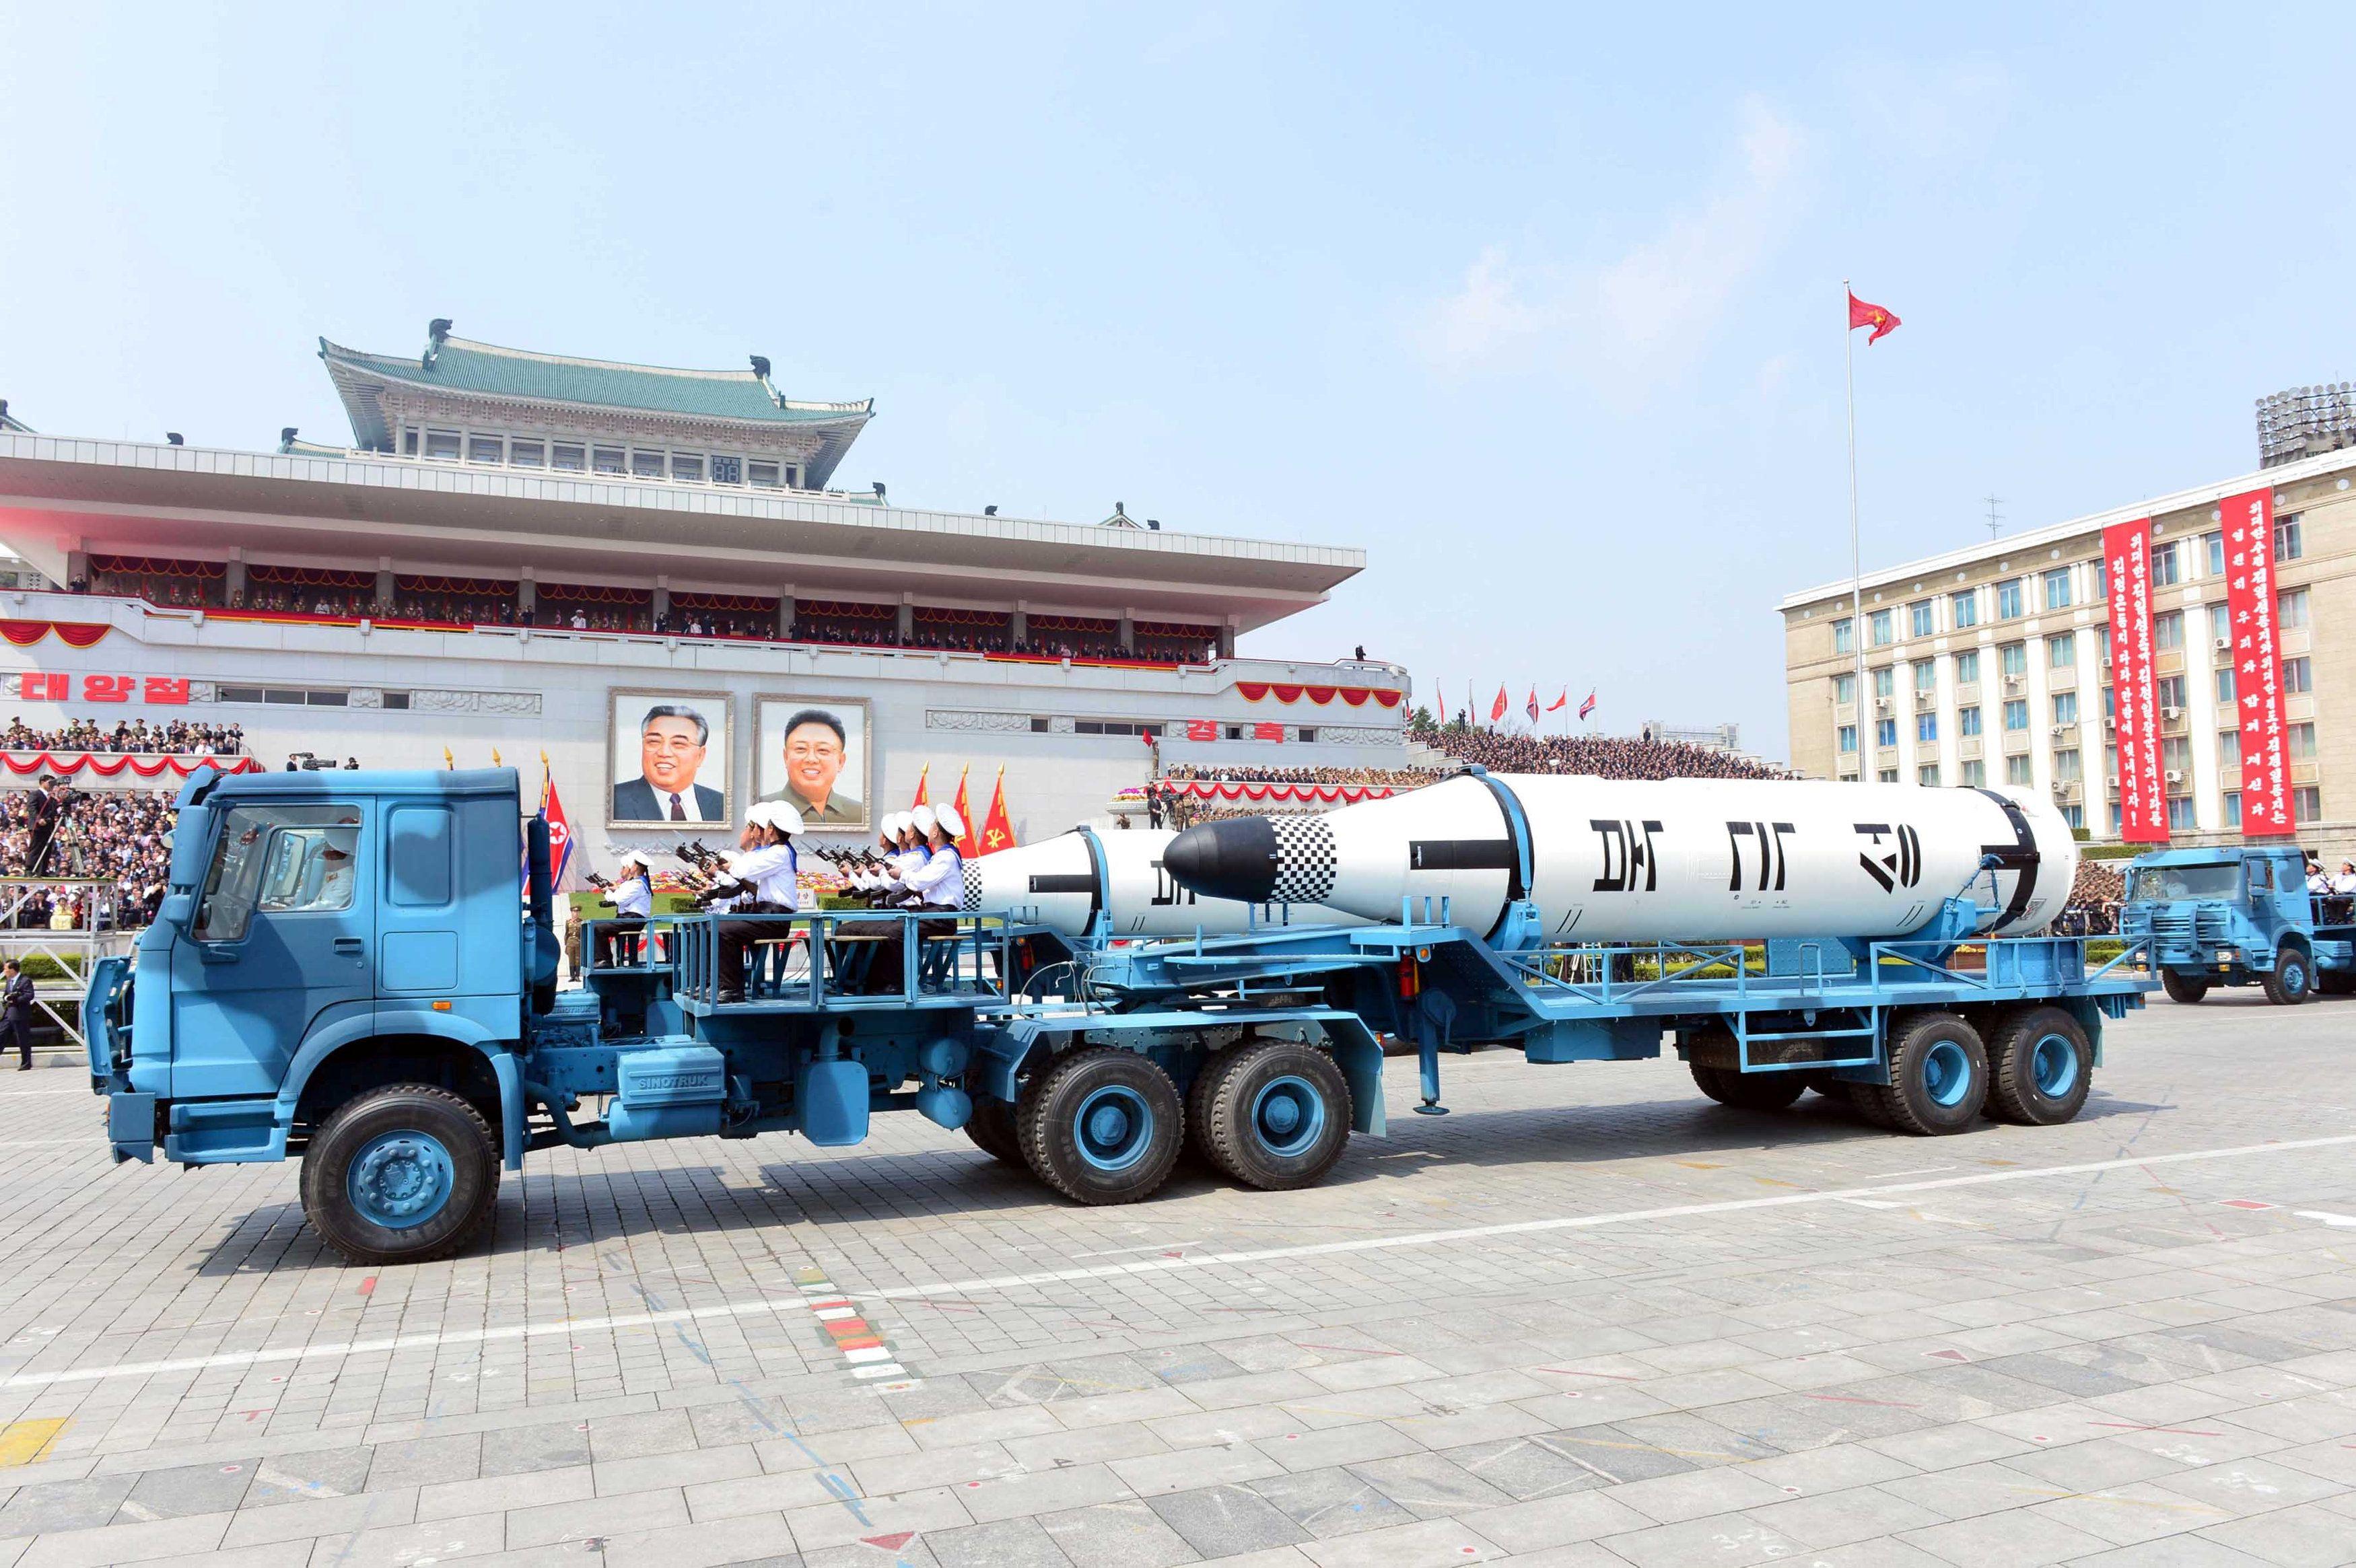 O que se sabe sobre o poder militar da Coreia do Norte?